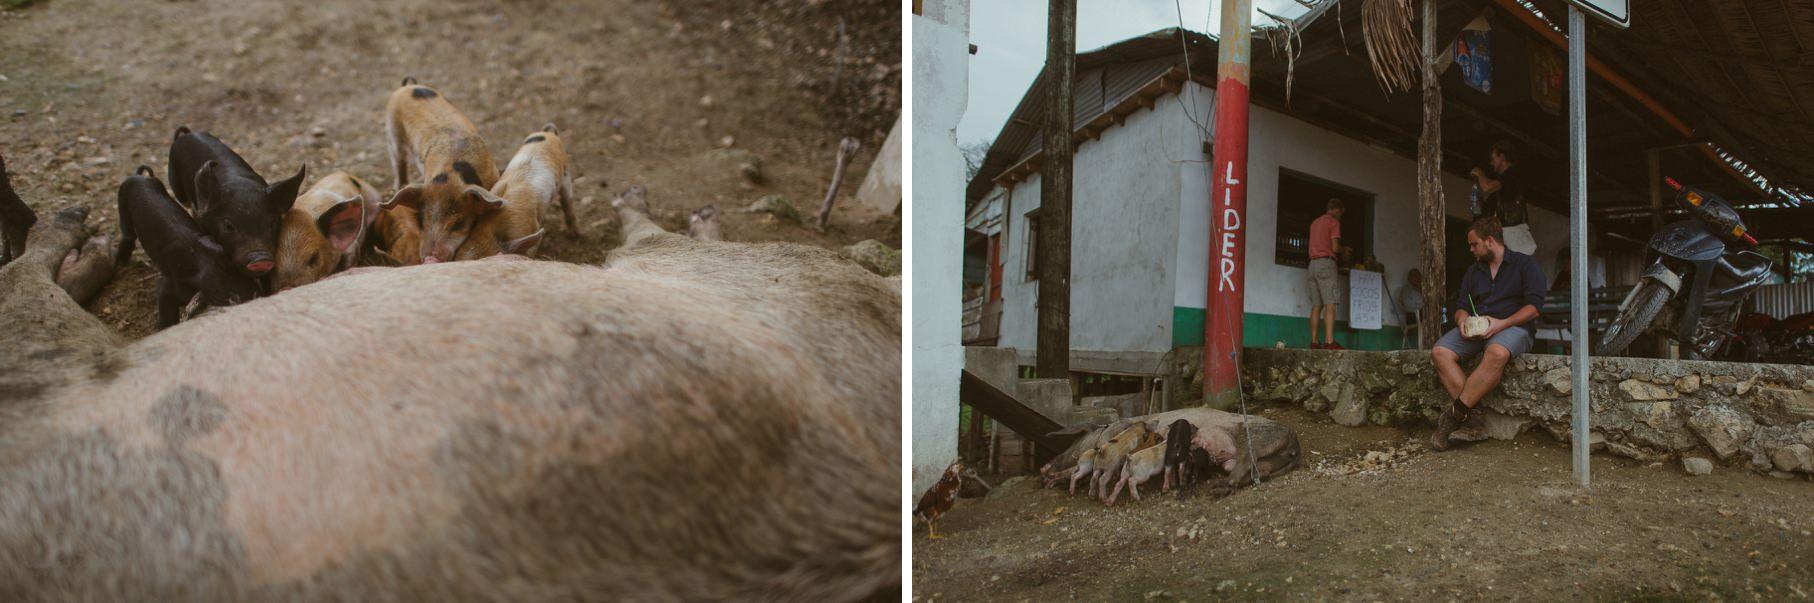 0197 anne und bjoern guatemala d75 4474 - 4 Wochen durch Guatemala - backpacking durch Mittelamerika